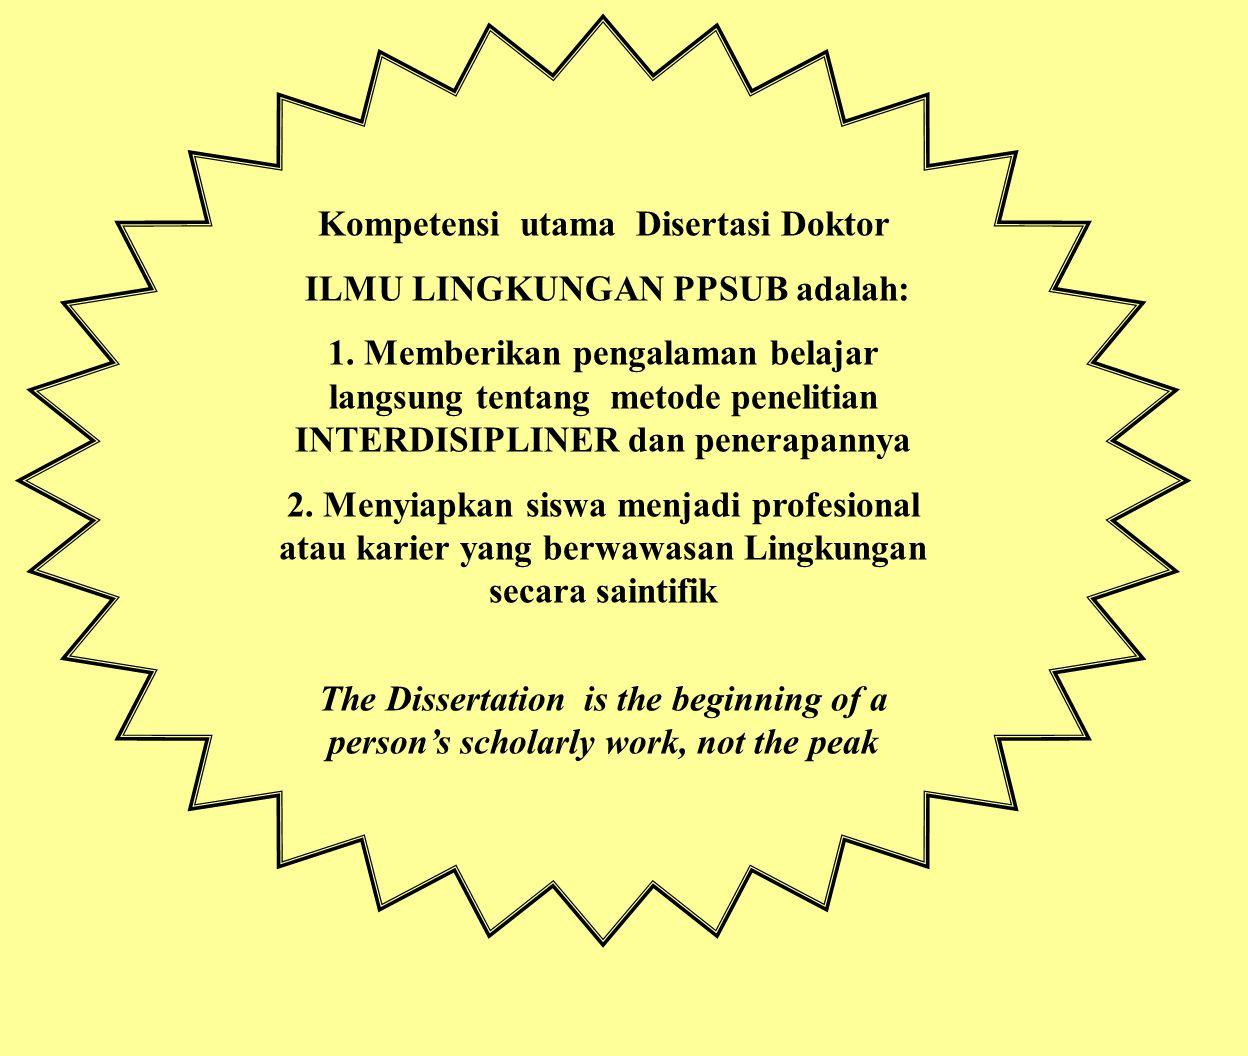 Kompetensi utama Disertasi Doktor ILMU LINGKUNGAN PPSUB adalah: 1. Memberikan pengalaman belajar langsung tentang metode penelitian INTERDISIPLINER da